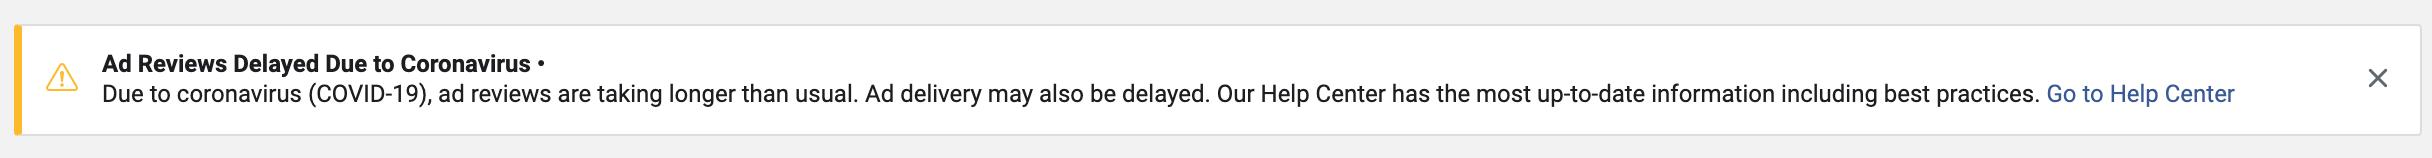 Facebook รีวิวโฆษณานานขึ้น เพราะ วิกฤตโคโรน่า (COVID-19)